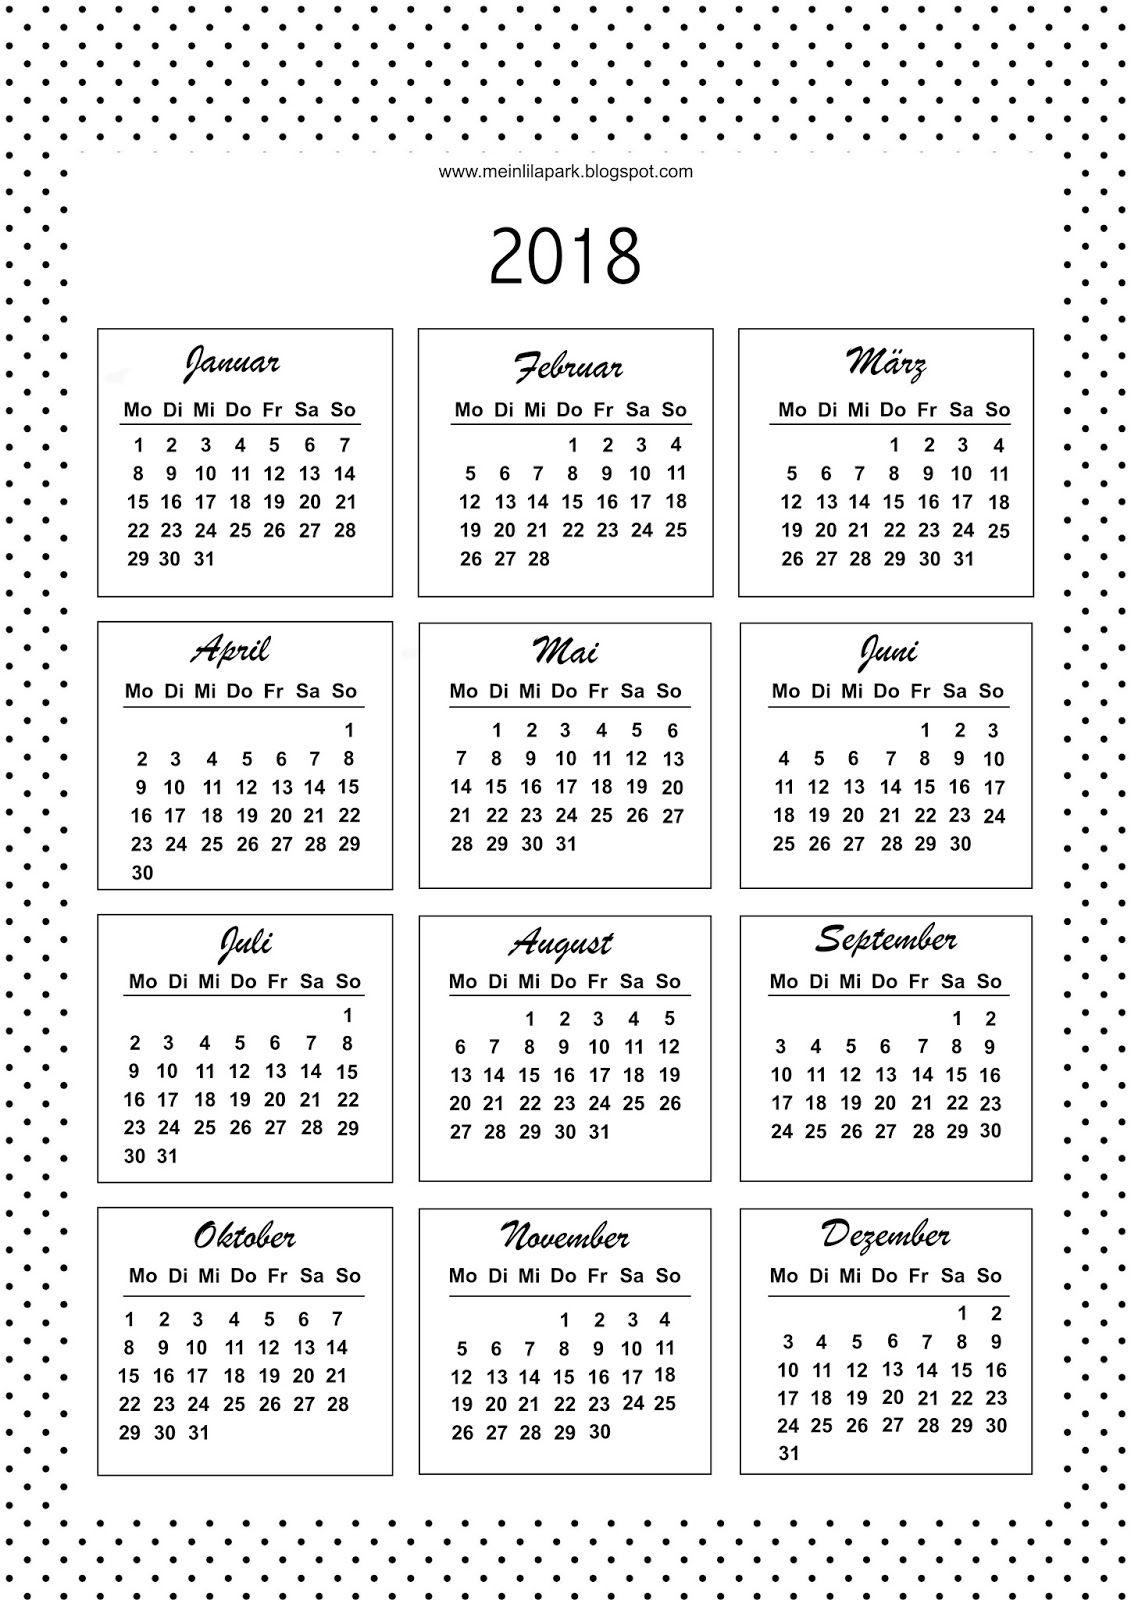 2018 Kalender Kalenderkarten Schwarz Weiss Deutsche Und Engl